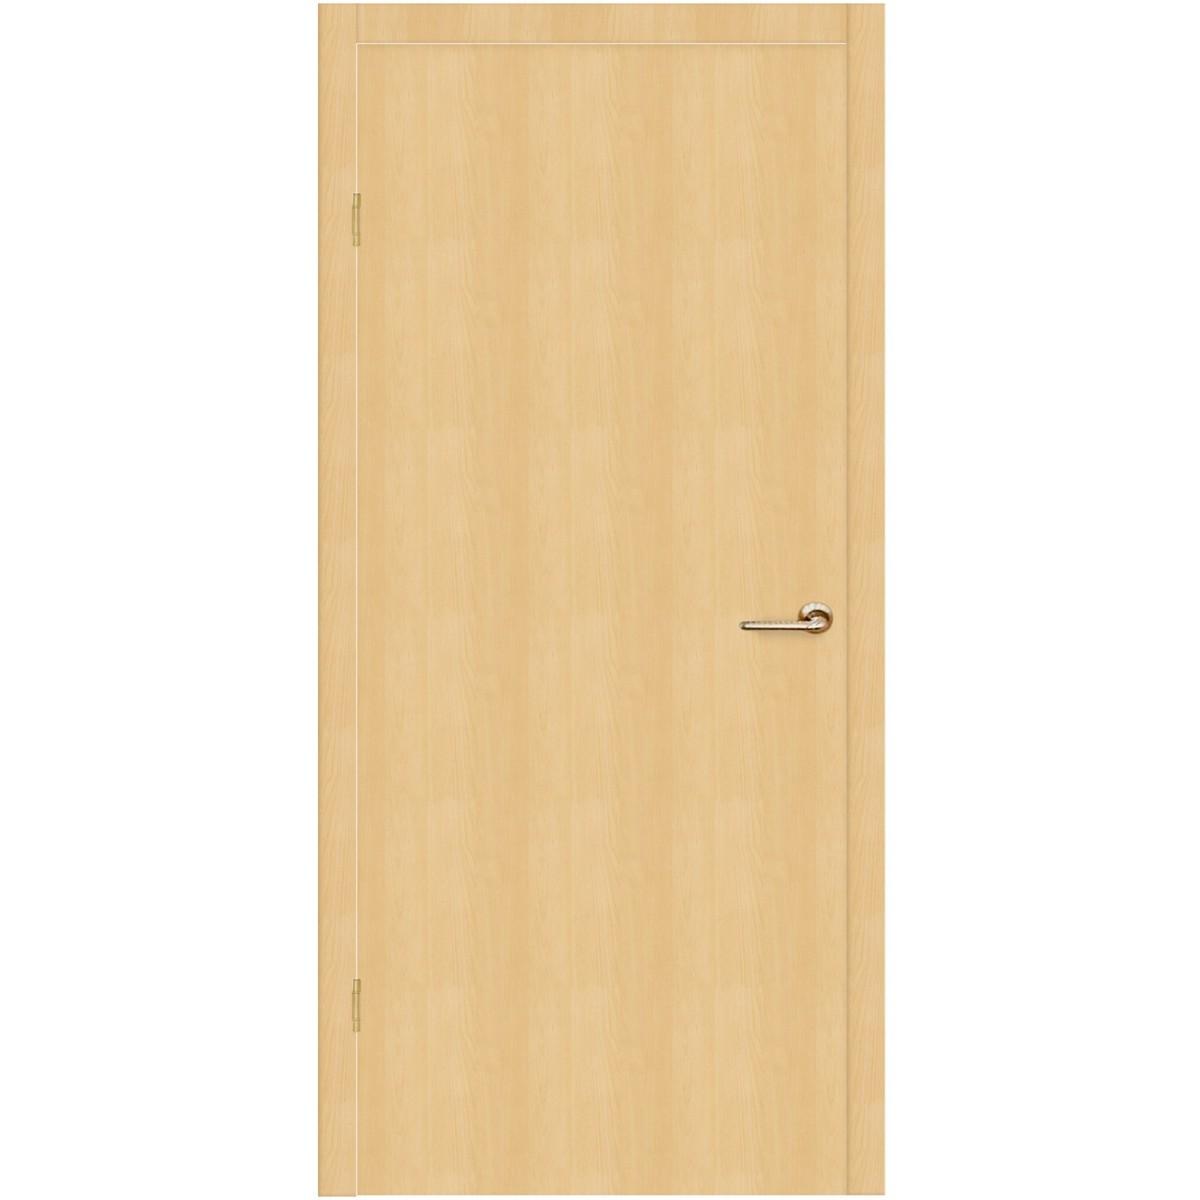 Дверь Межкомнатная Глухая Belleza 60x200 Ламинация Цвет Дуб Белый